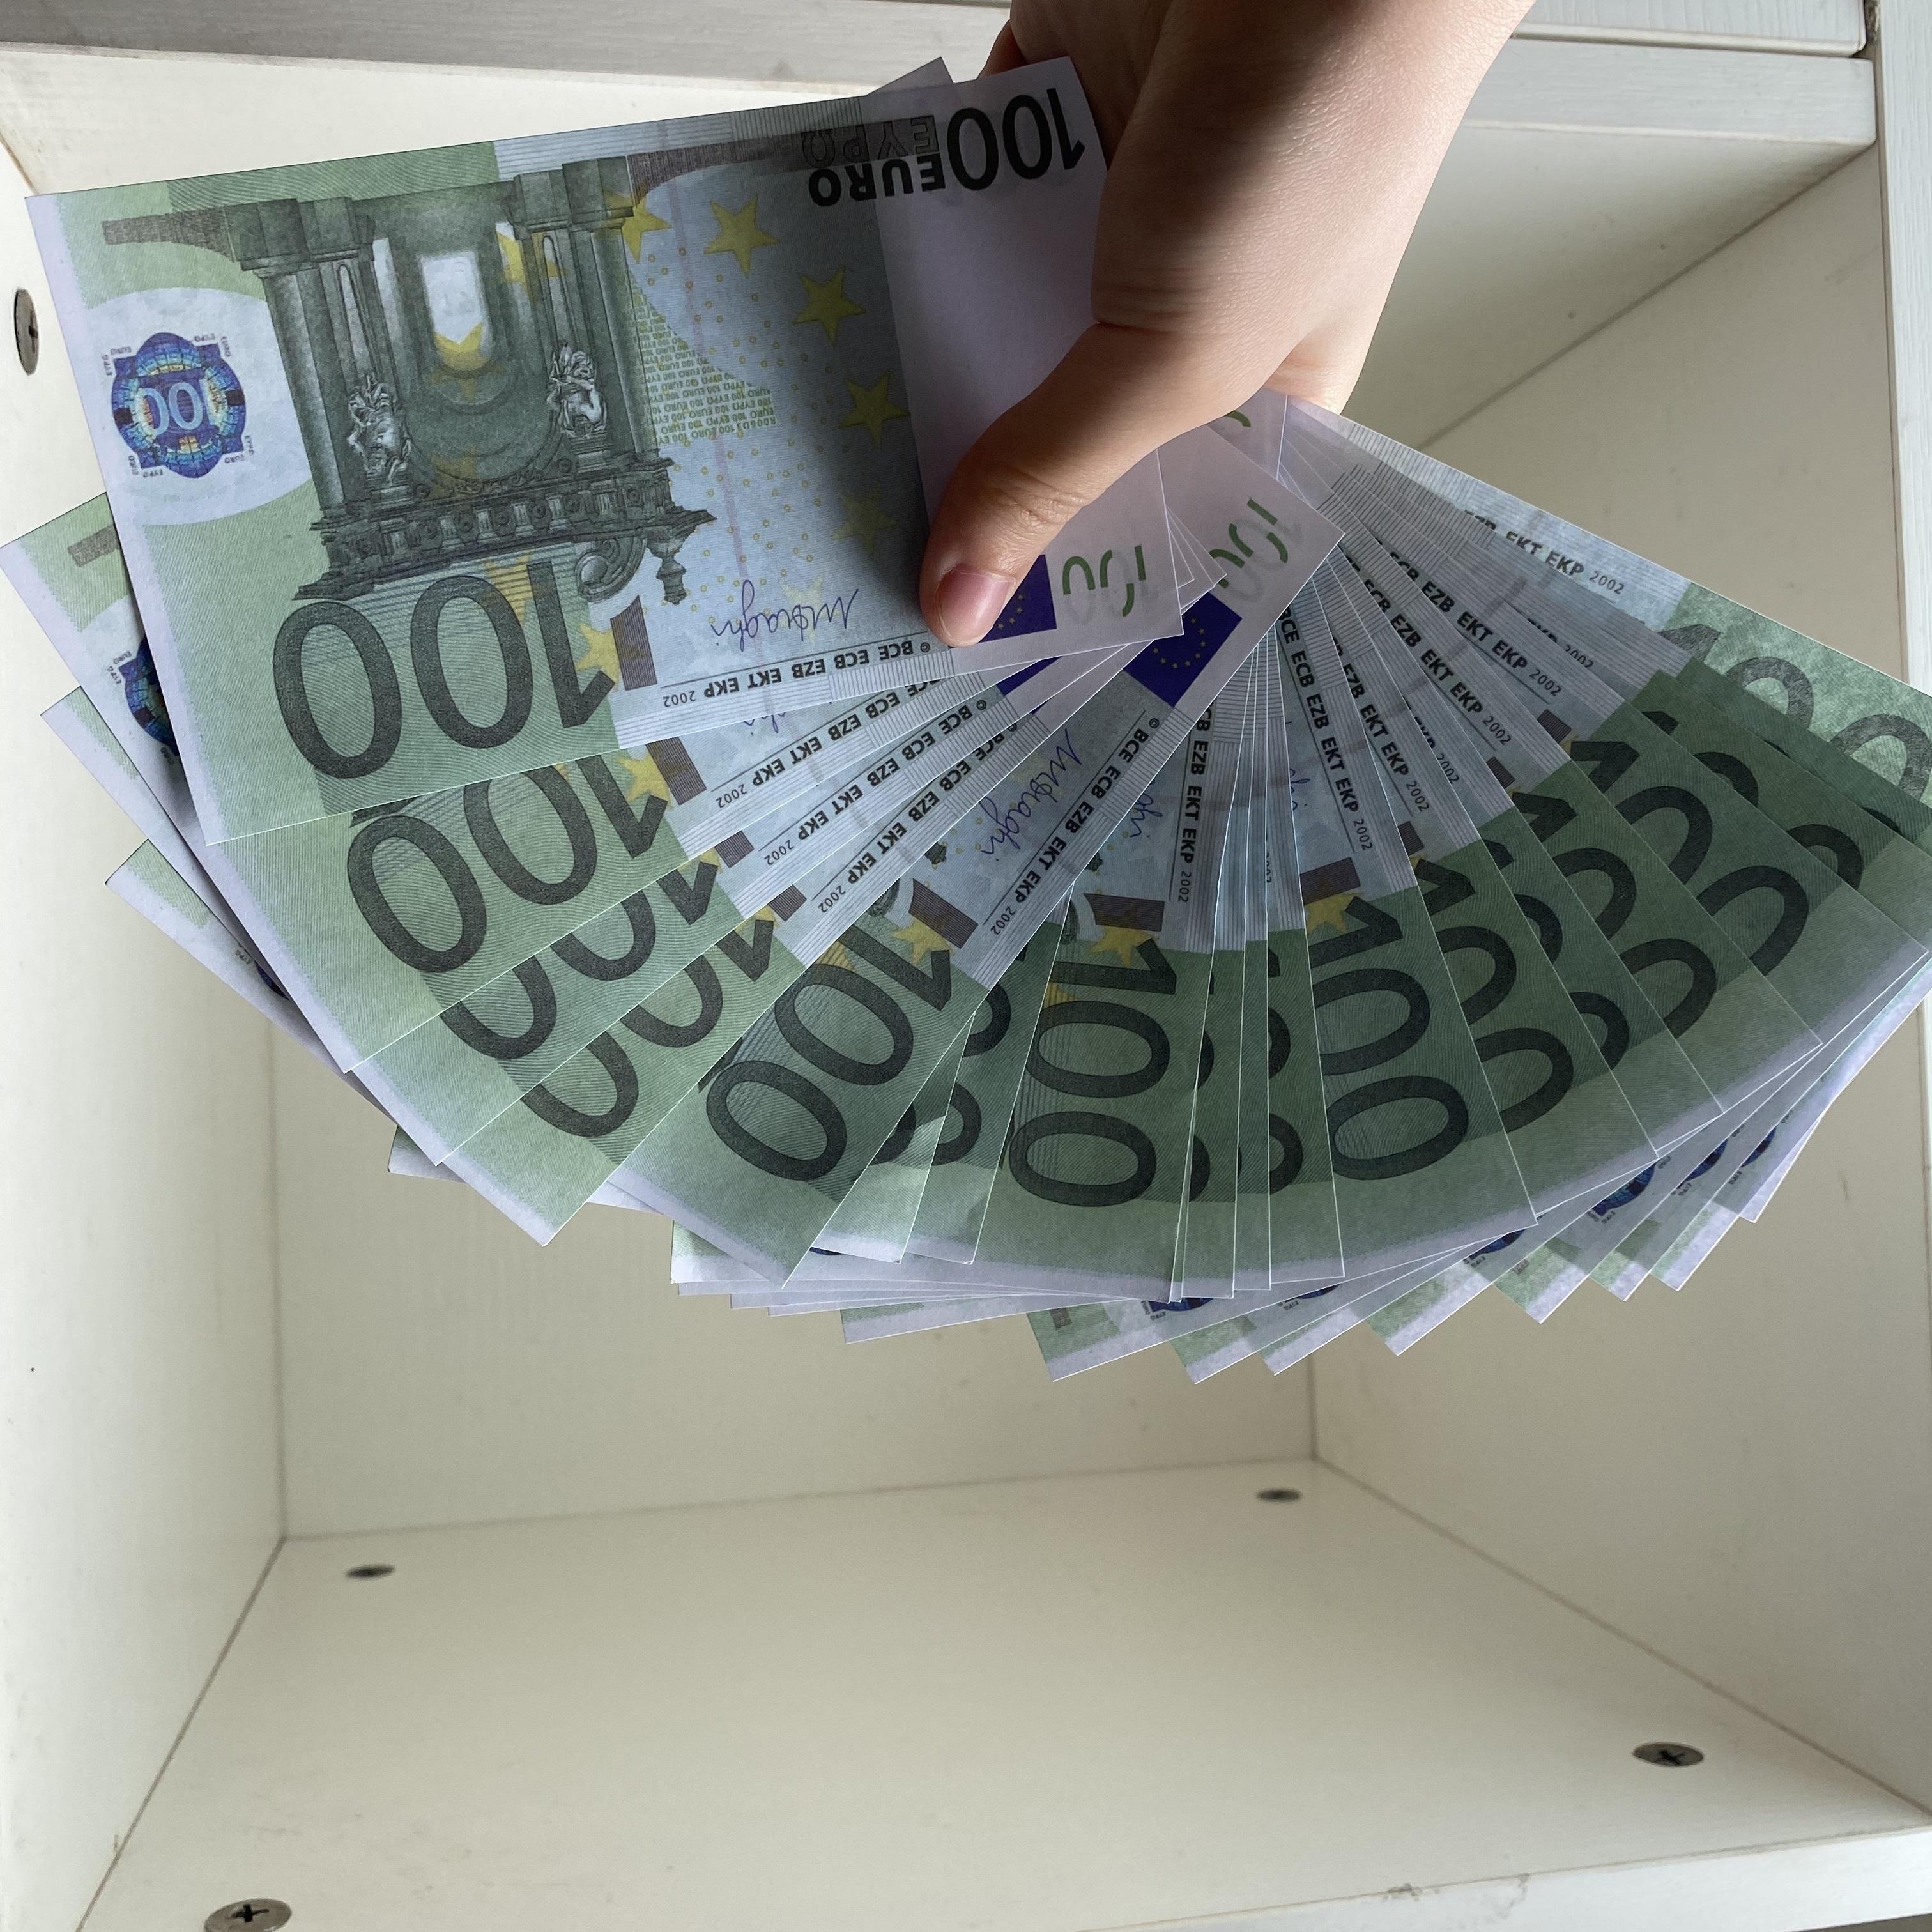 229 бар реквизит евро Биллс Детская игрушка билеты в кино контрафакт денежного розыгрыша реквизит кино деньги сцена валюта старая версия 100euro